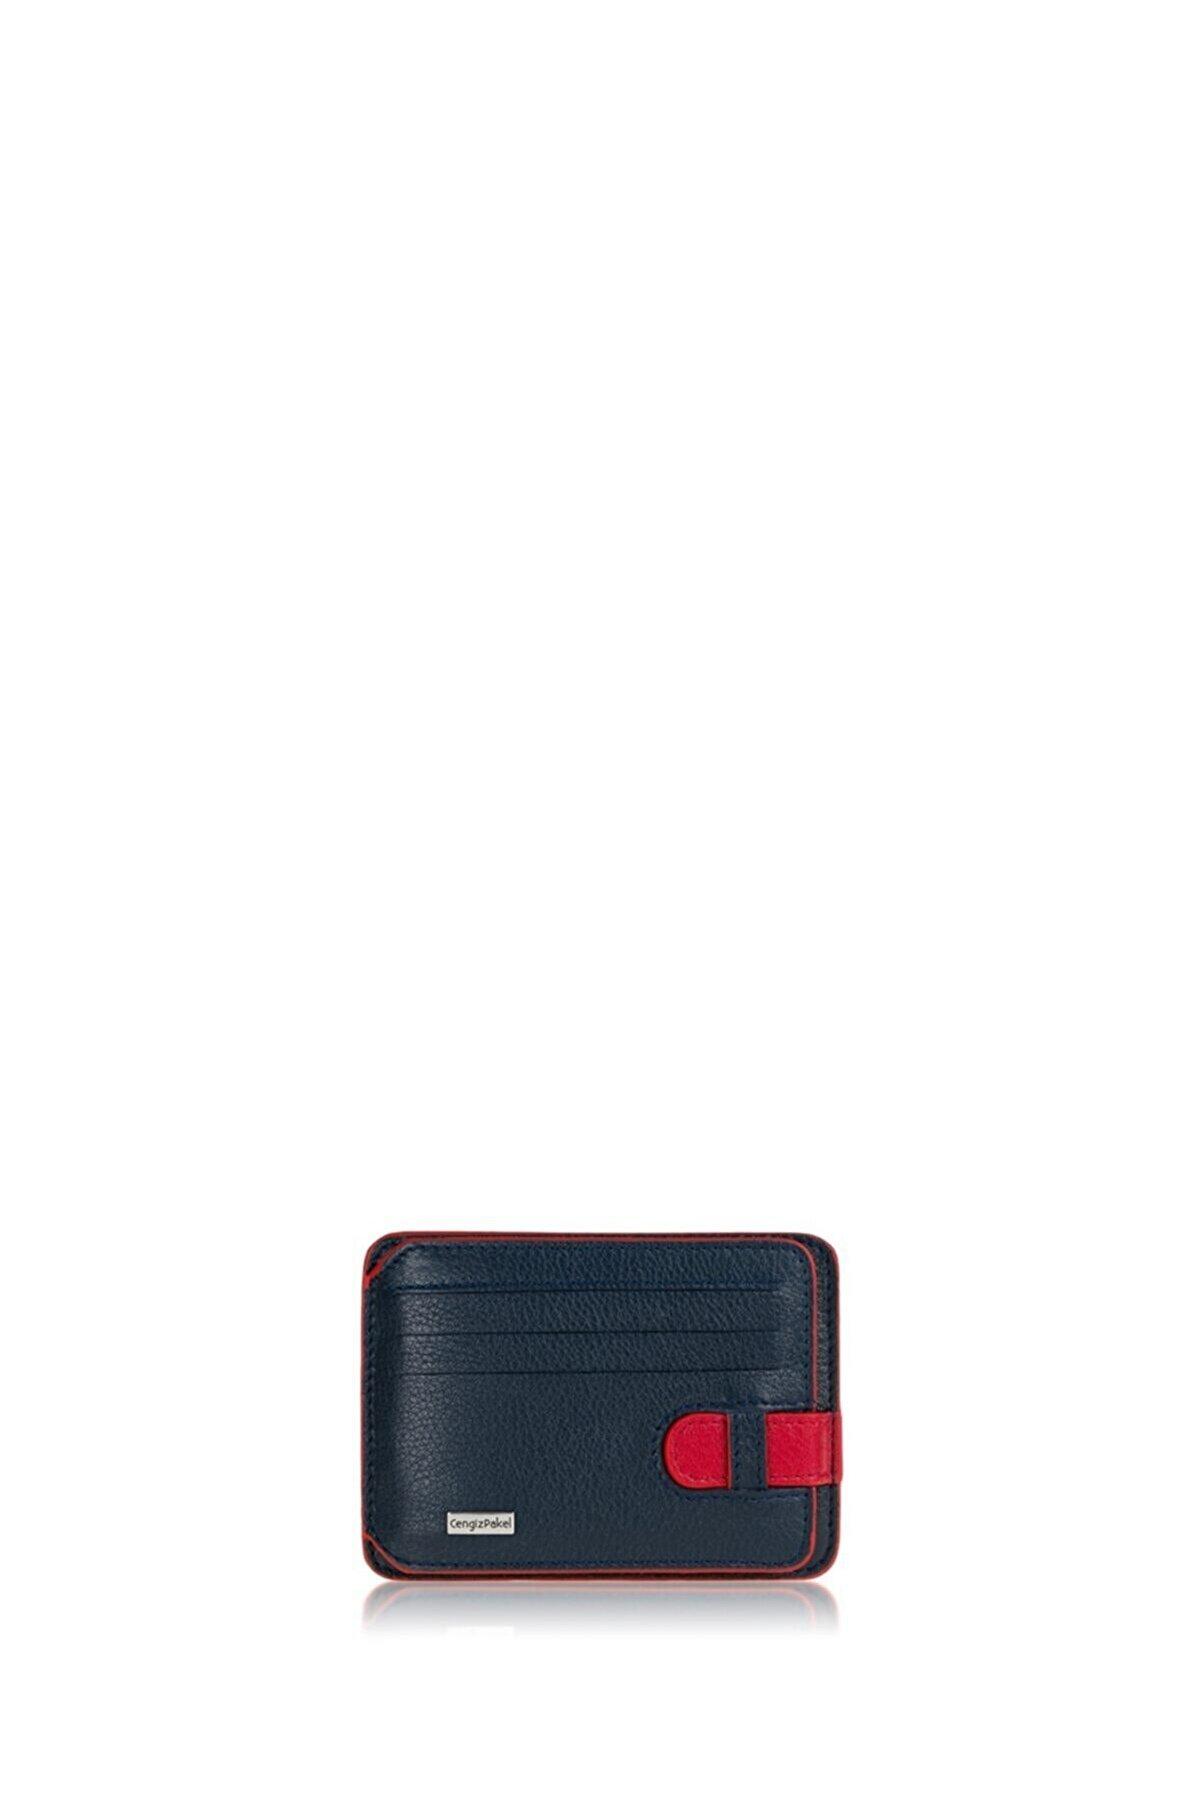 Cengiz Pakel Hakiki Deri Kartlık 2404-lacivert-kırmızı